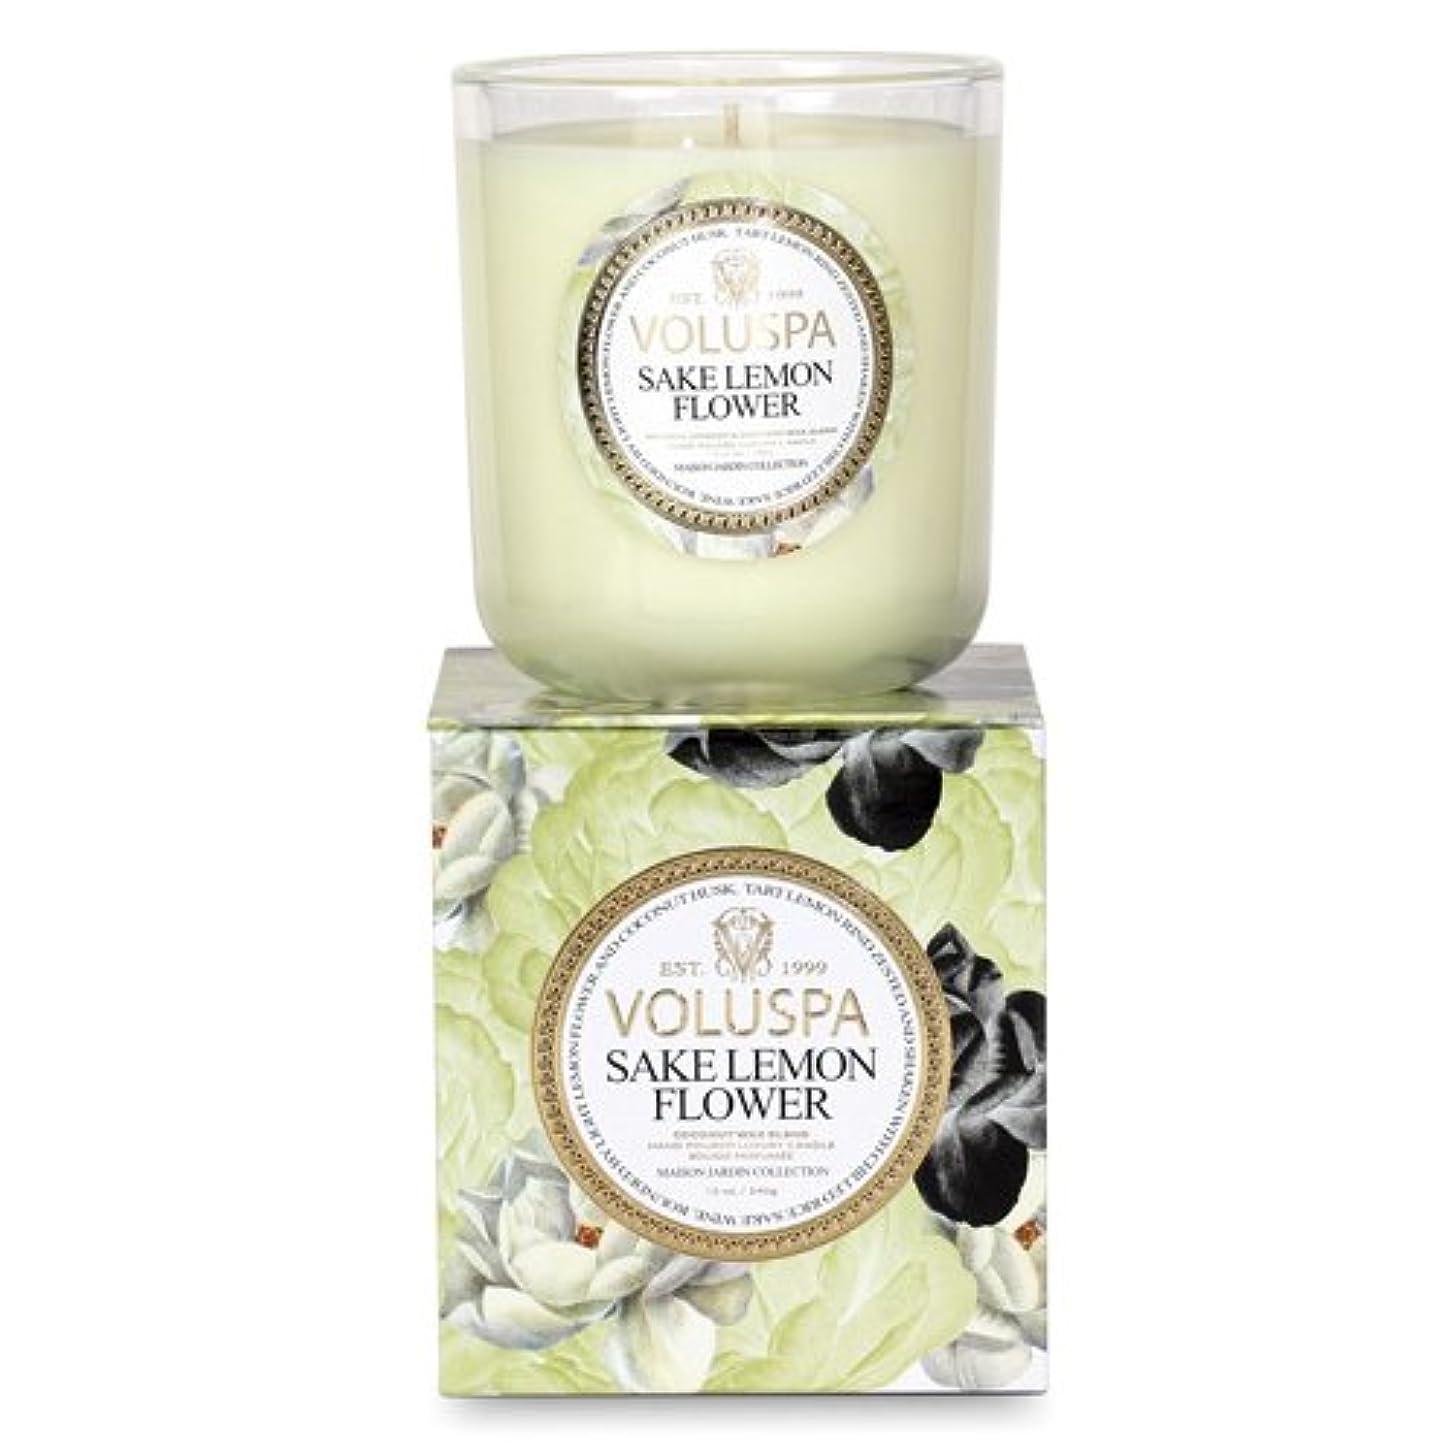 植物のスマイル水陸両用Voluspa ボルスパ メゾンジャルダン ボックス入りグラスキャンドル サケレモンフラワー MAISON JARDIN Box Glass Candle SAKE LEMON FLOWER